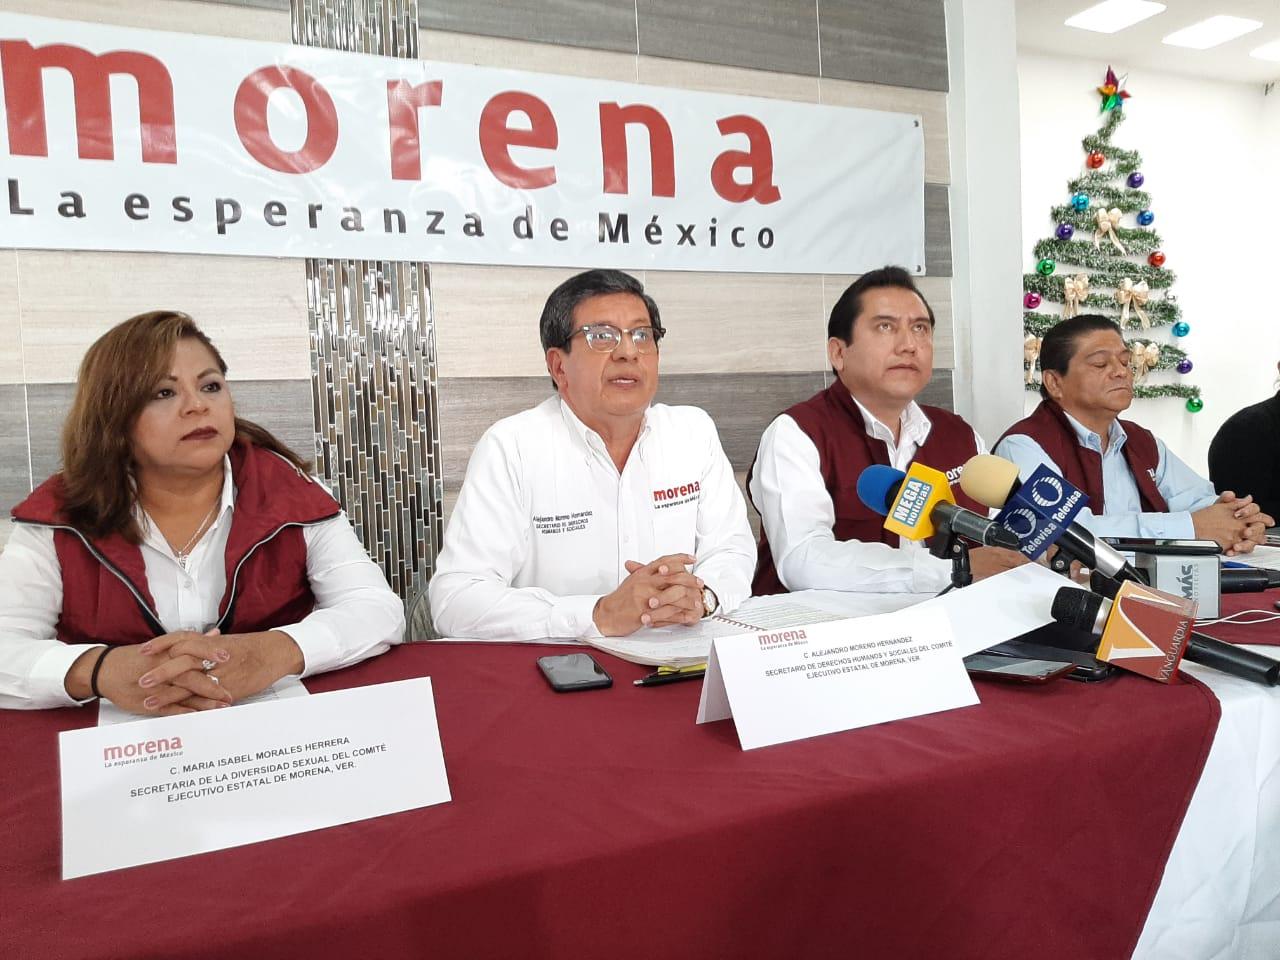 Comité de Morena justifica feminicidios, no sólo es responsabilidad del gobierno